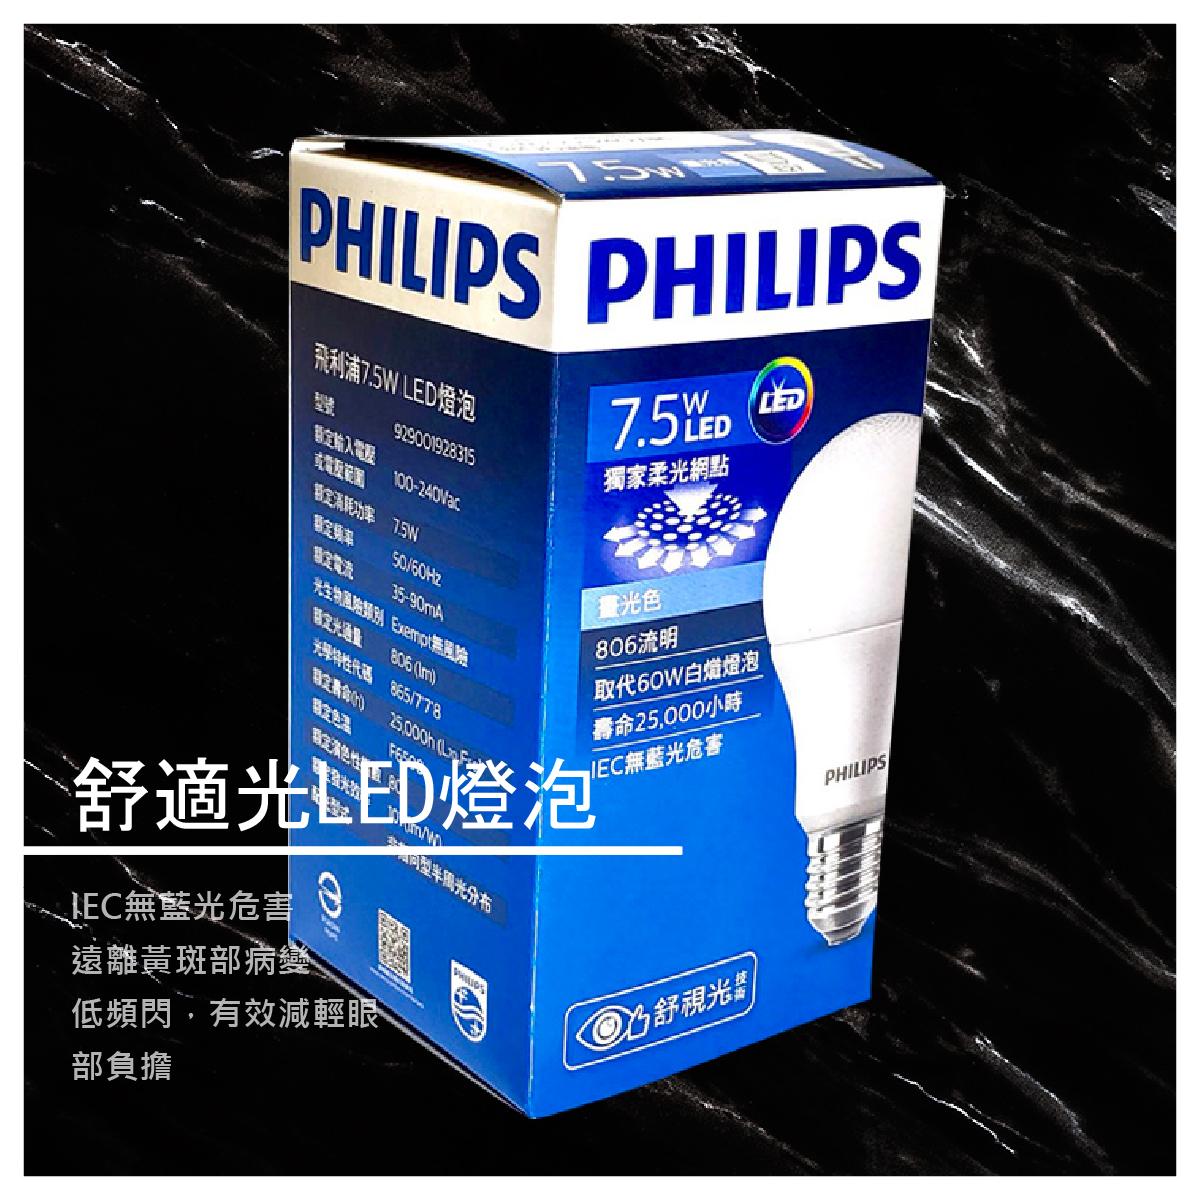 【明耀衛浴廚具精品】飛利浦舒適光LED燈泡 7.5W  此商品不在燈泡系列活動中~